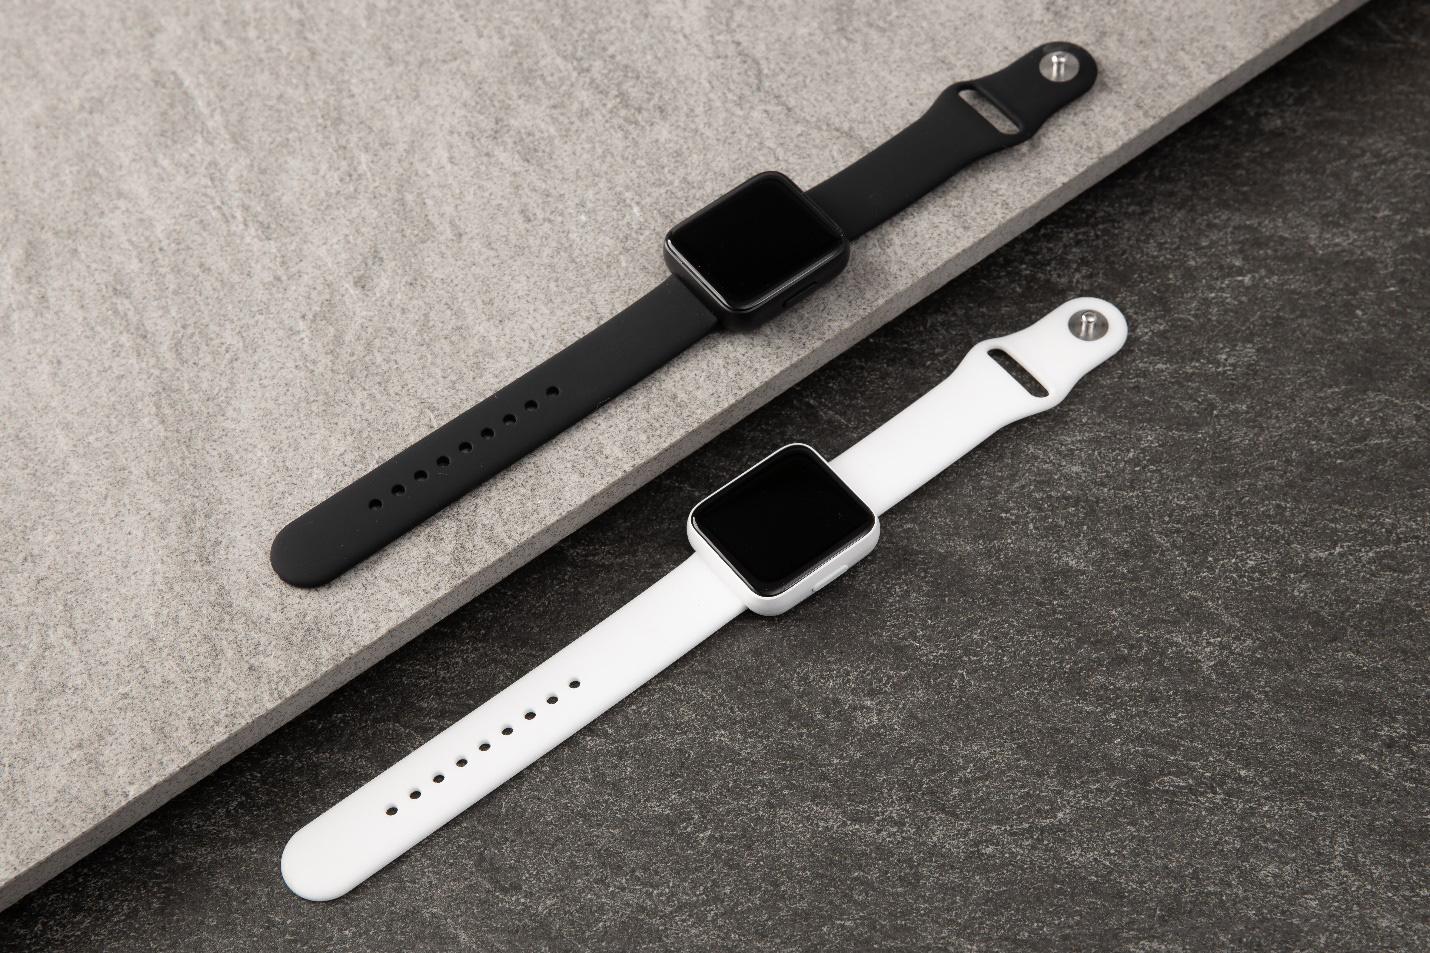 Năng động trong mùa hè này cùng smartwatch Urban HR của Partron, made in Vietnam, vừa thông minh lại vừa đẹp - Ảnh 1.